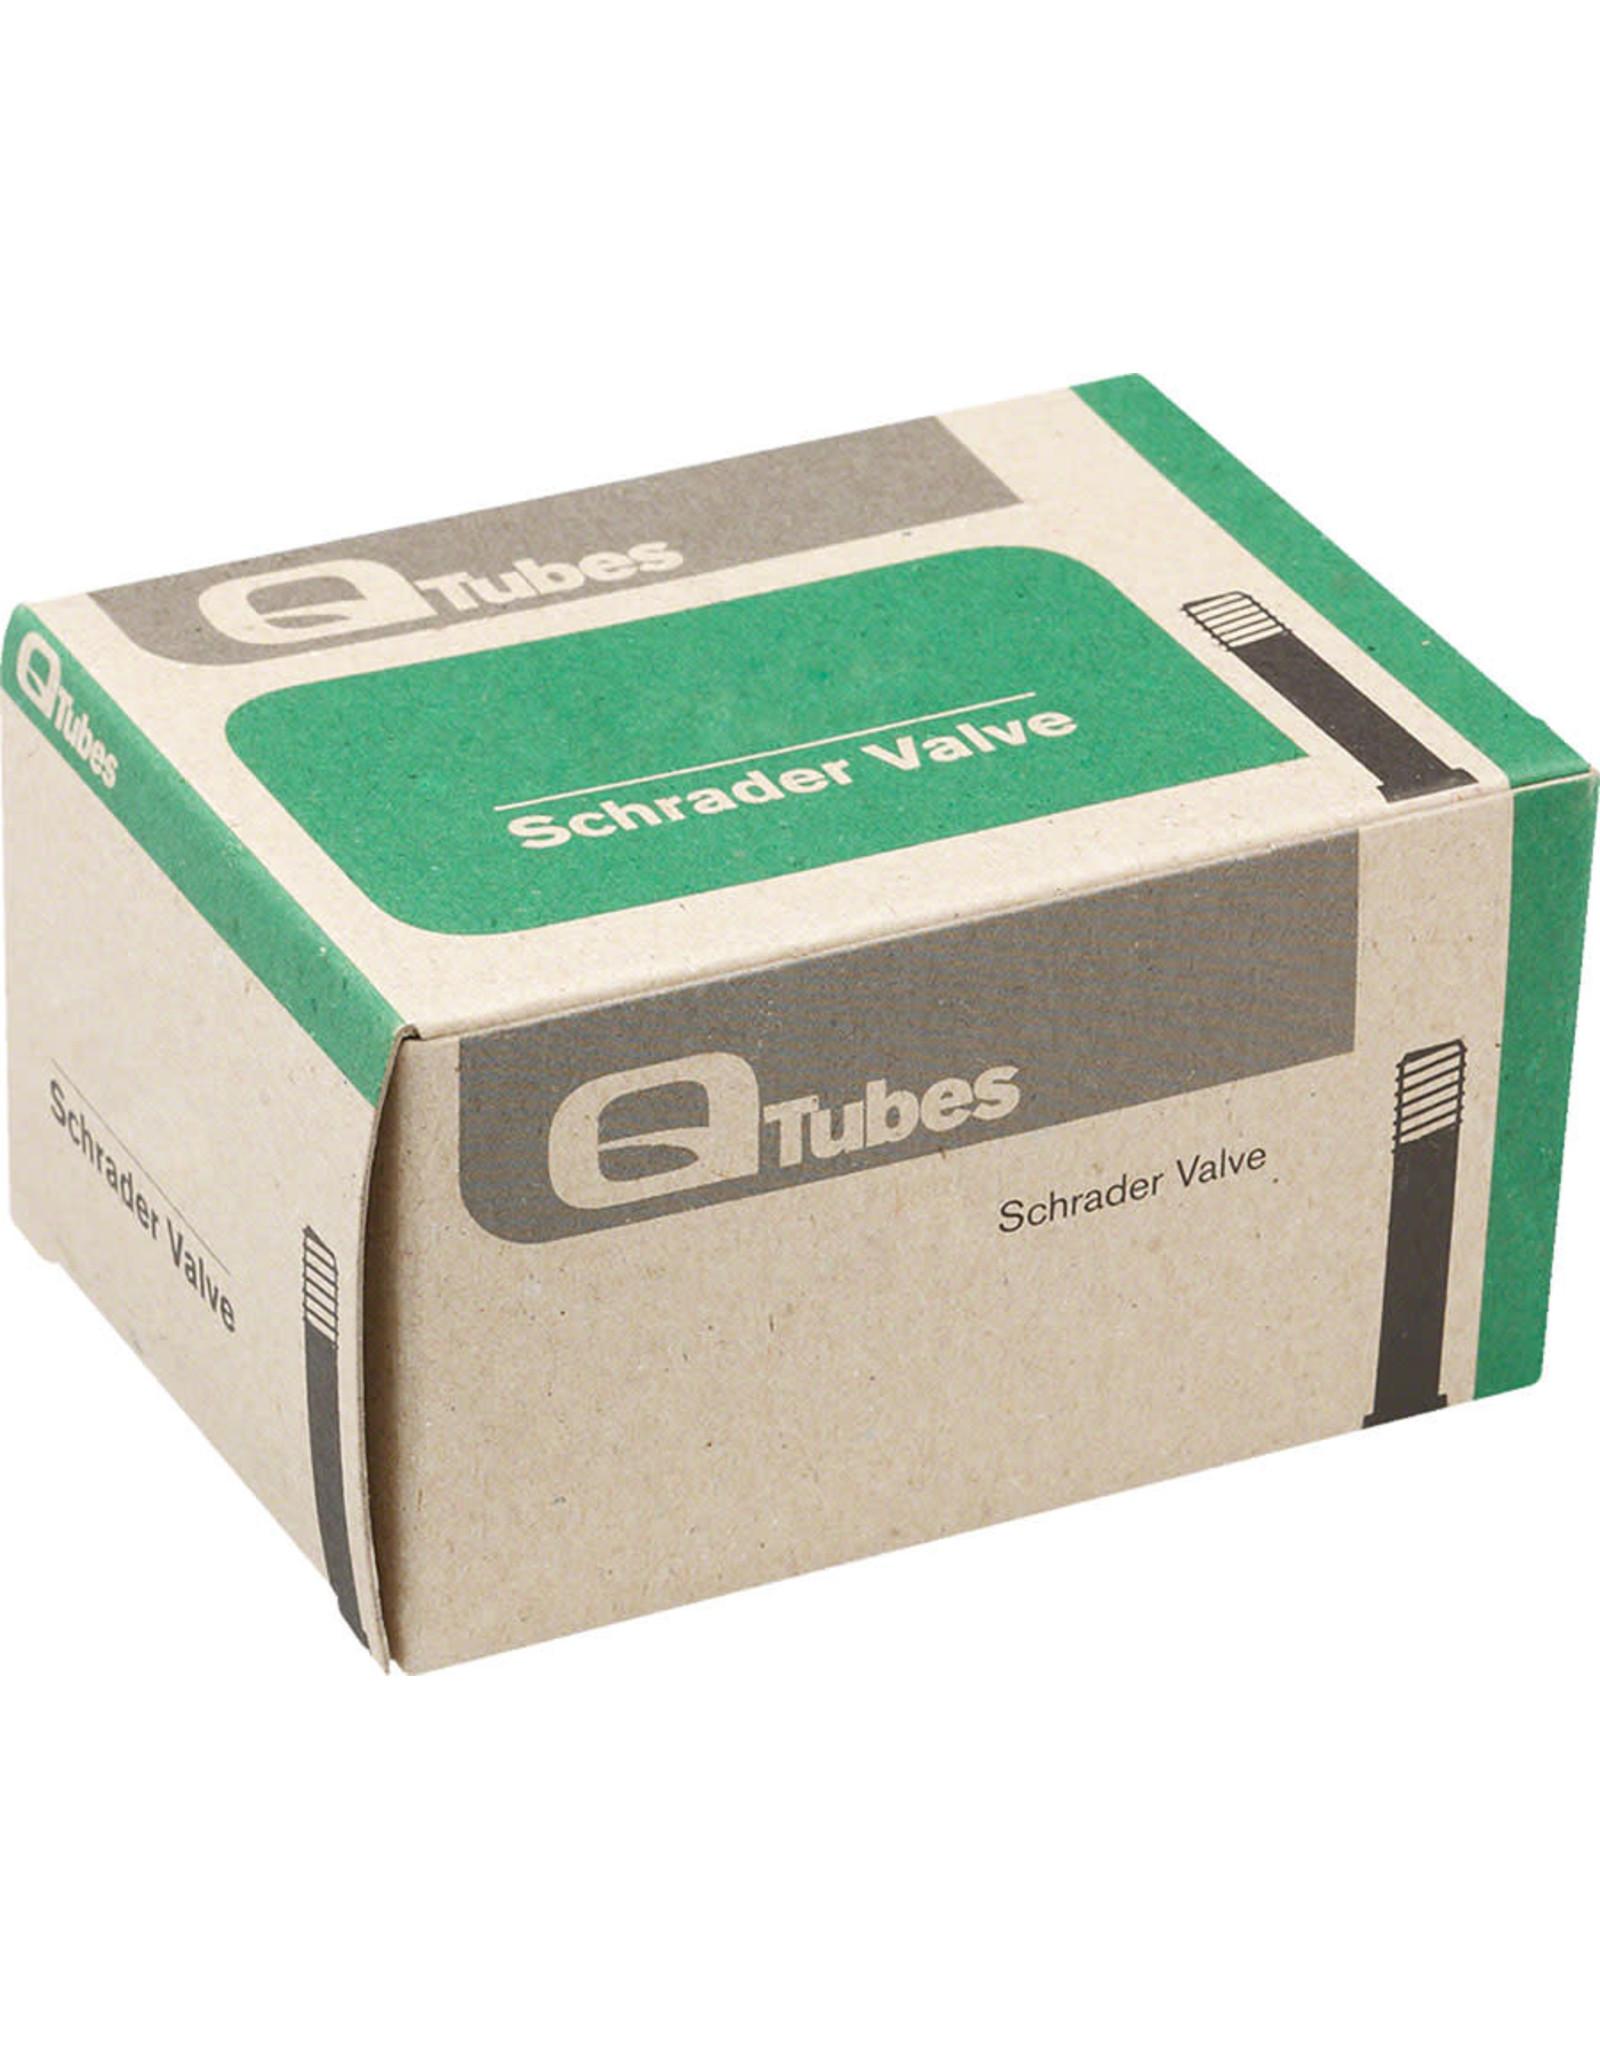 """Q-Tubes Q-Tubes 24"""" x 1-3/8"""" Schrader Valve Tube 124g *Low Lead Valve*"""